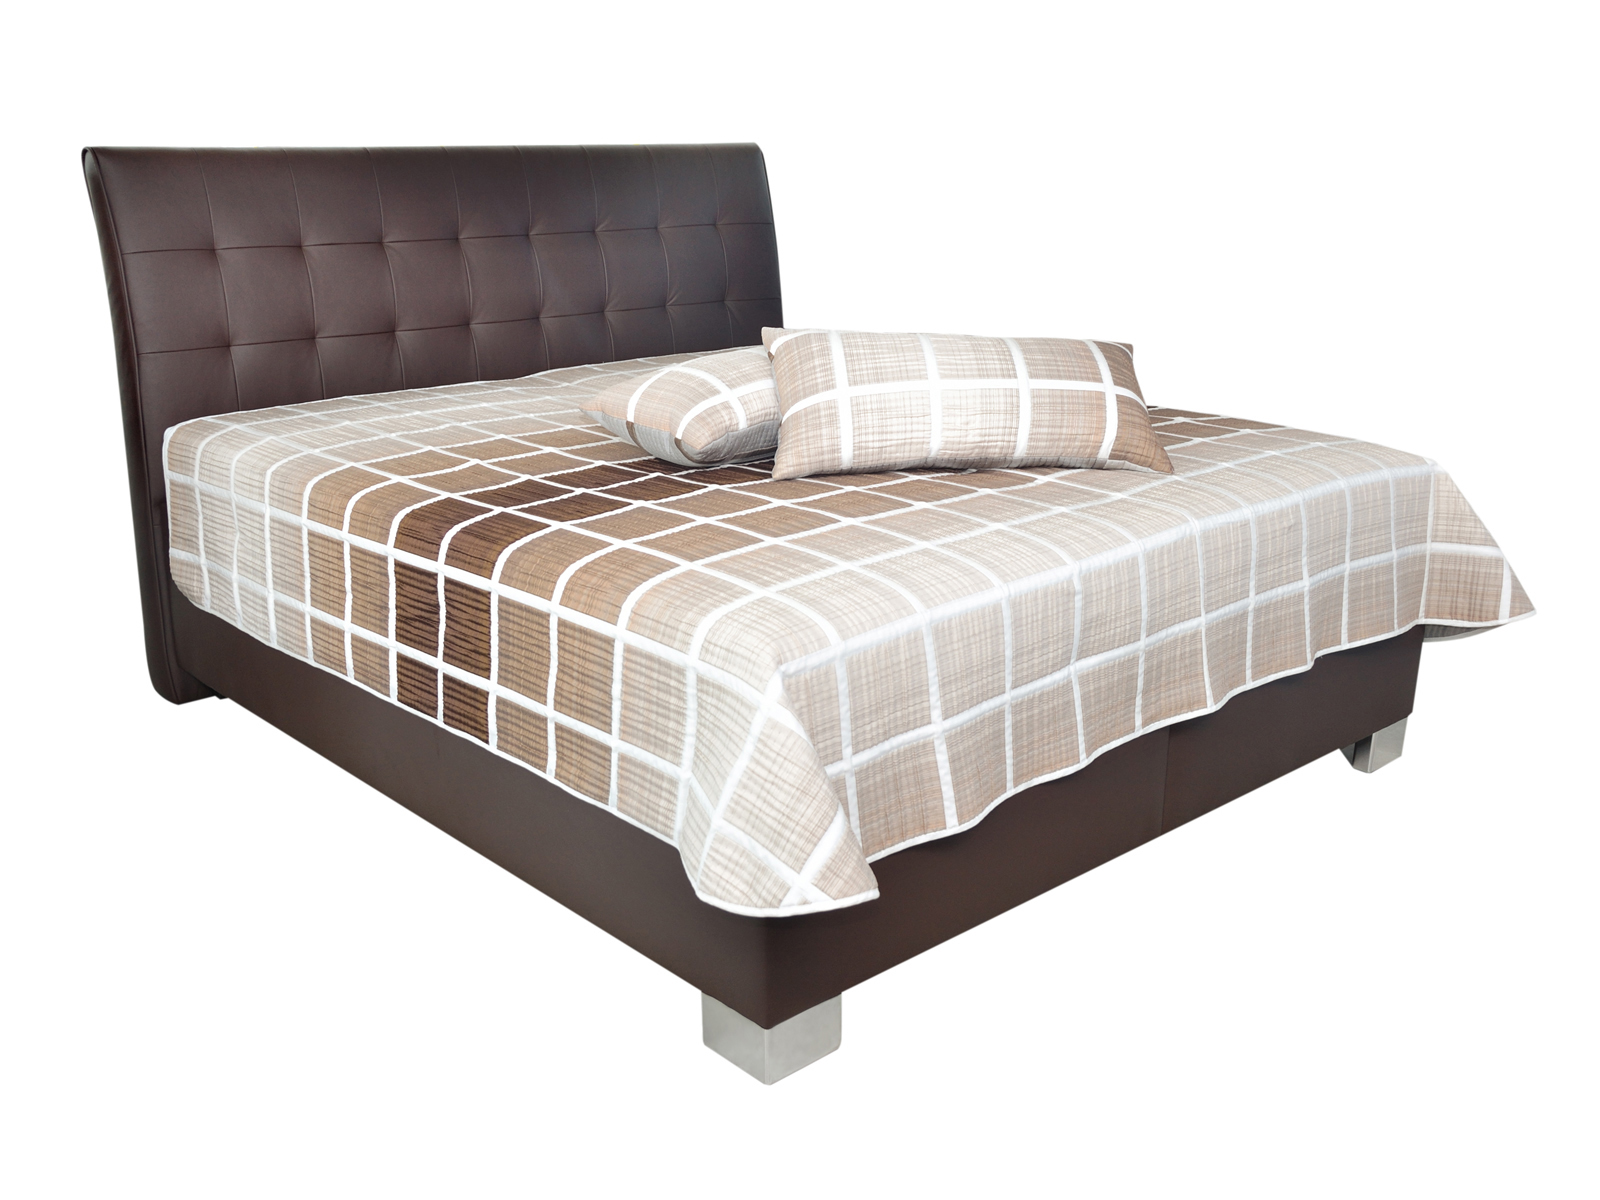 Manželská posteľ 180 cm - Blanár - Sara (hnedá) (s roštami a matracom Ivana Plus). Doprava ZDARMA. Sme autorizovaný predajca Blanár. Vlastná spoľahlivá doprava až k Vám domov.